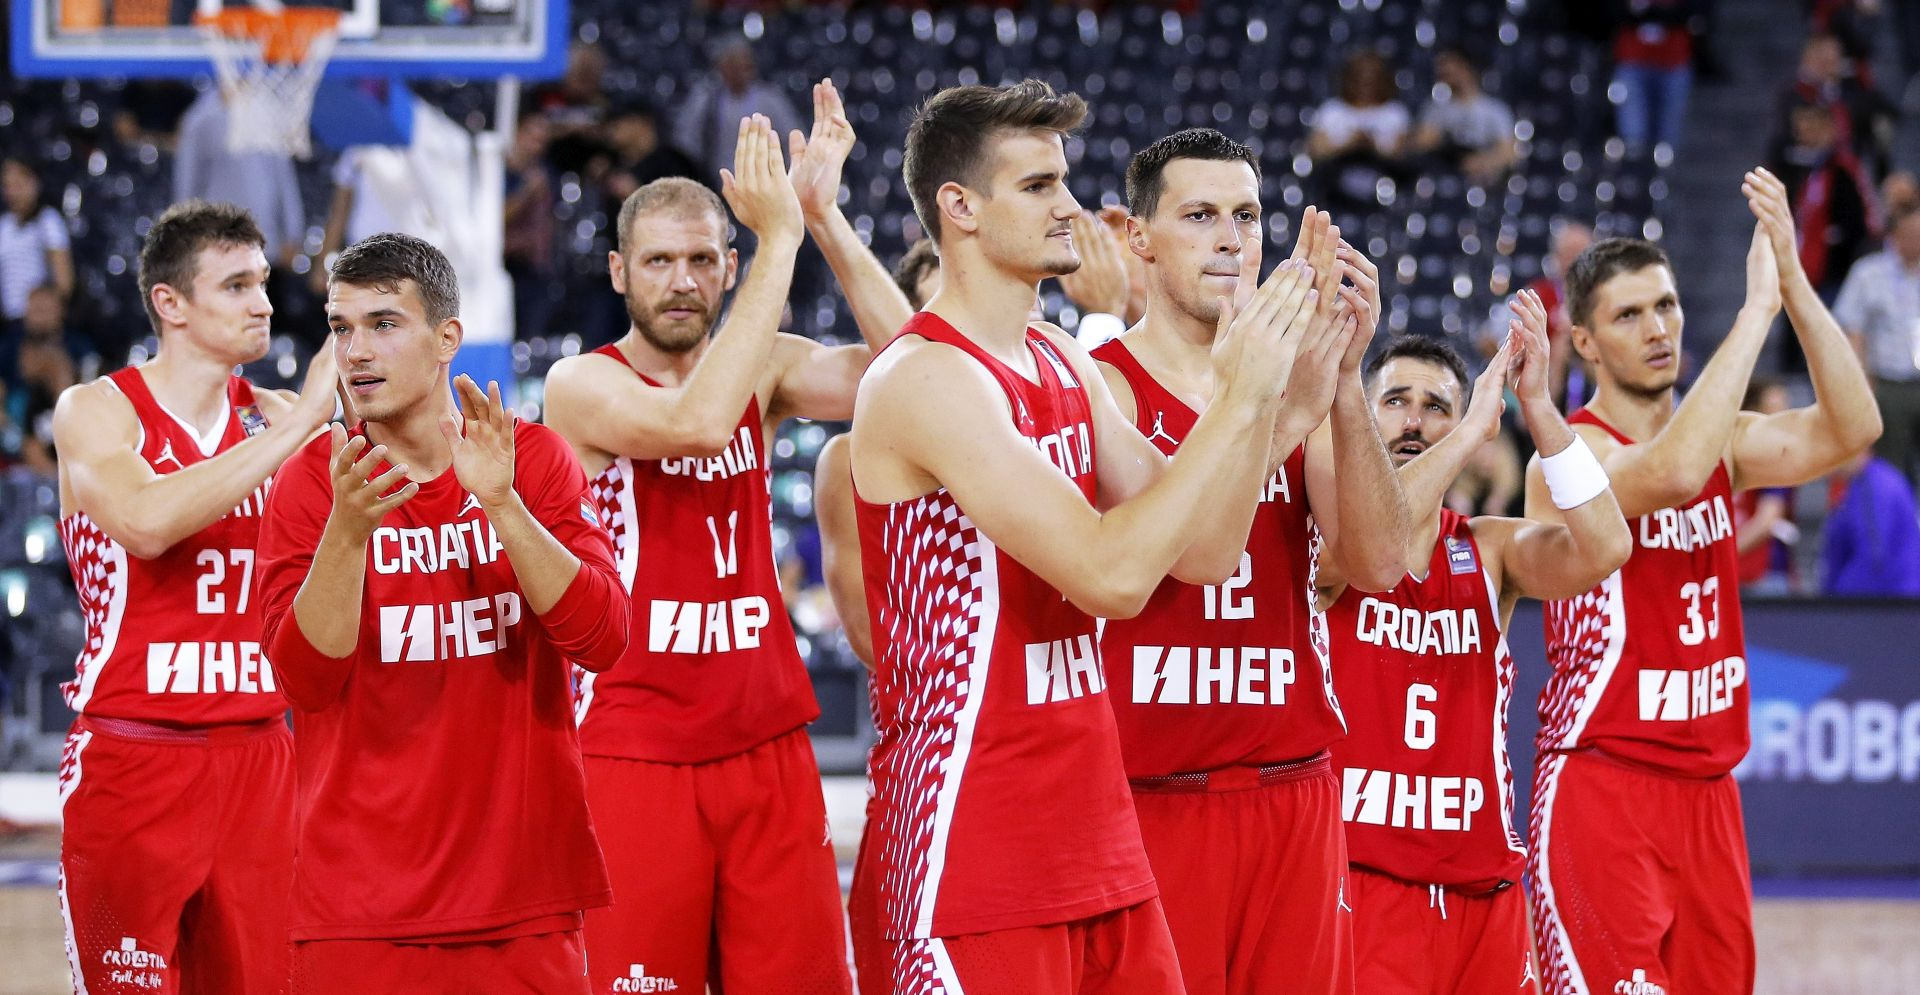 EUROBASKET Hrvatski košarkaši spremni za Ruse i vjeruju u prolaz